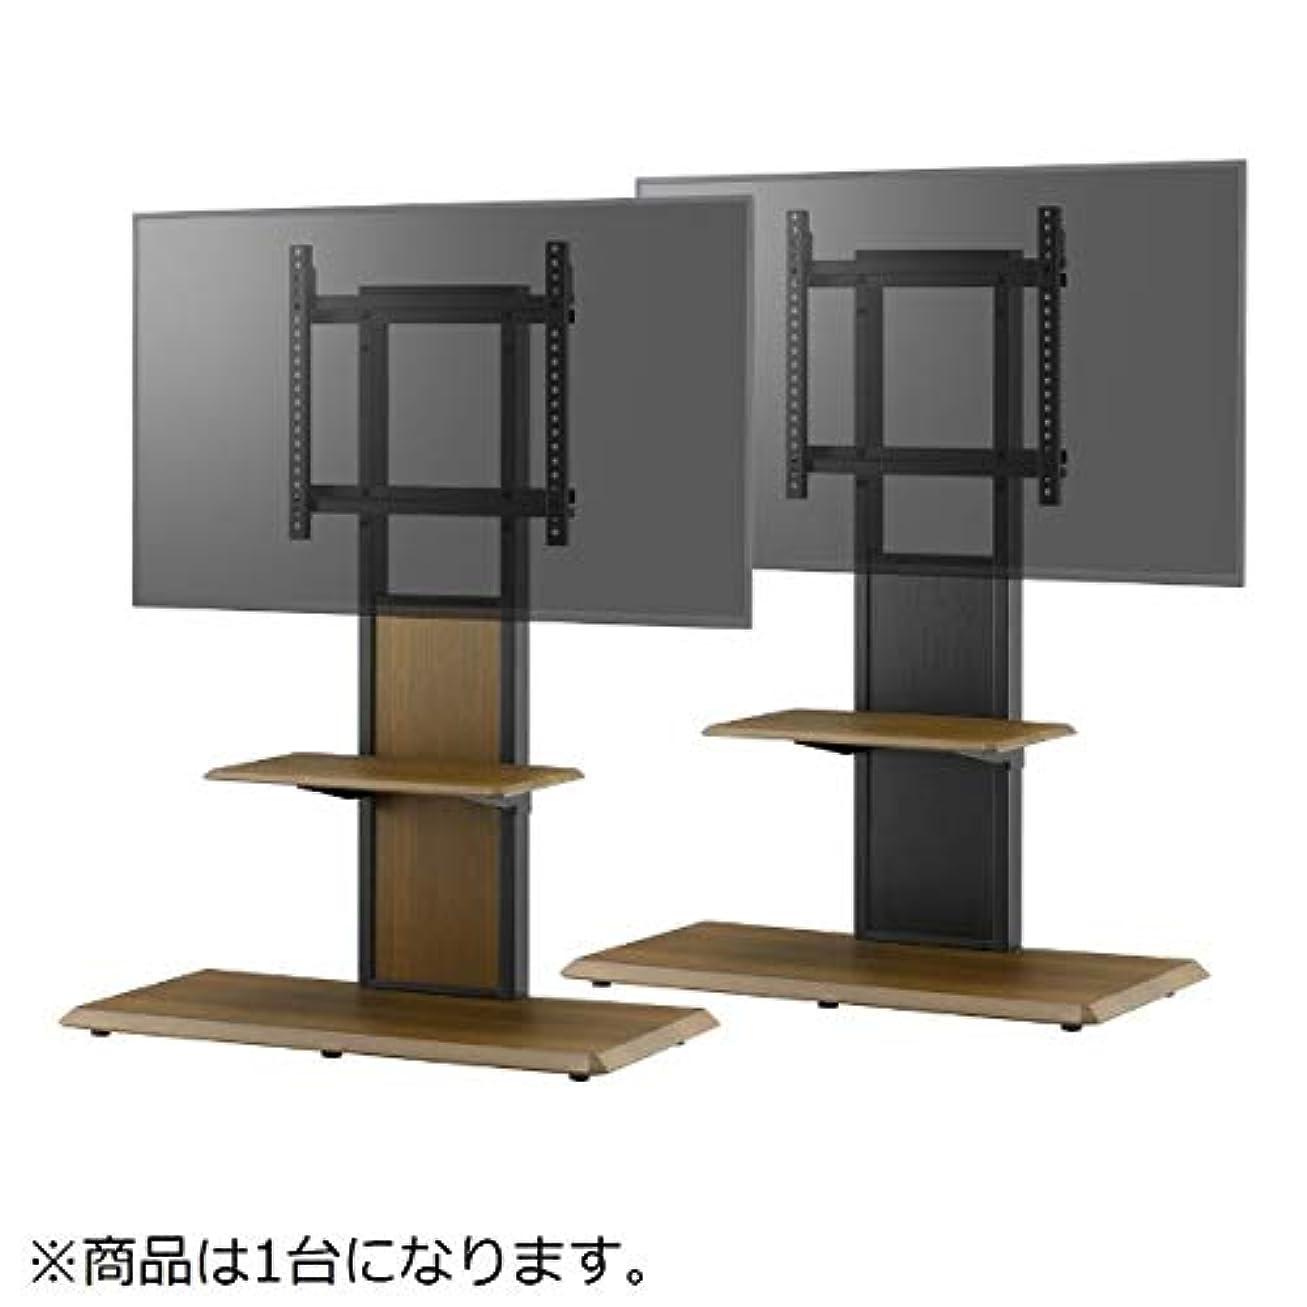 エーカー裁判官レーダー朝日木材加工 壁寄せ テレビ台 WB style 40~65型 幅85㎝ ブラウン 棚付き AS-WB850